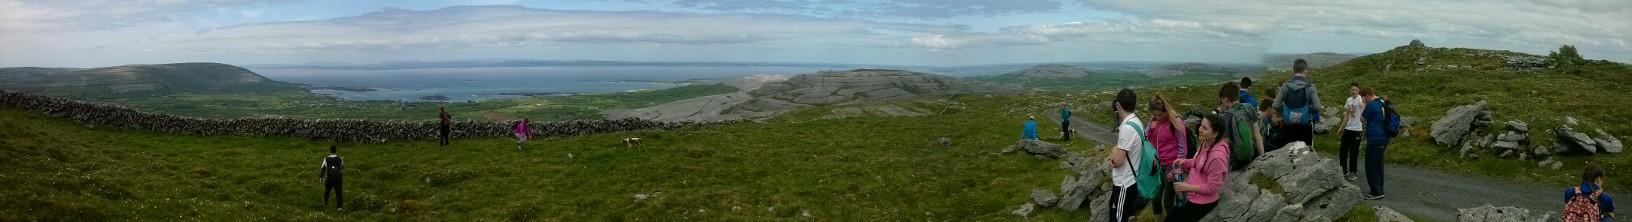 Burren Panorama